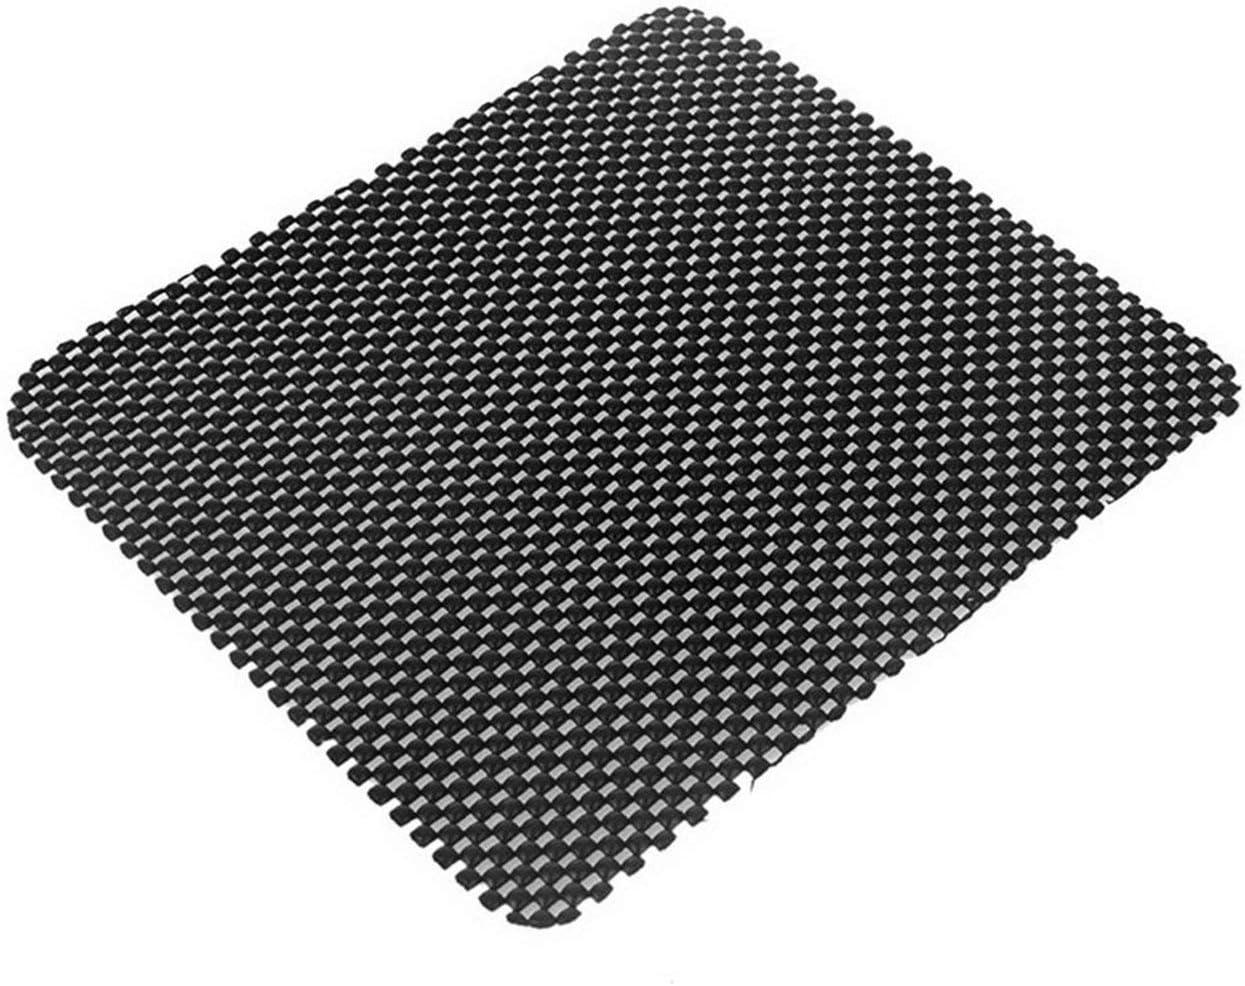 FRjasnyfall Tapis de Tableau de Bord Anti-d/érapant en Silicone pour Voiture Support de Tapis Collant Anti-d/érapant pour Accessoires de Voiture de t/él/éphone Portable Noir